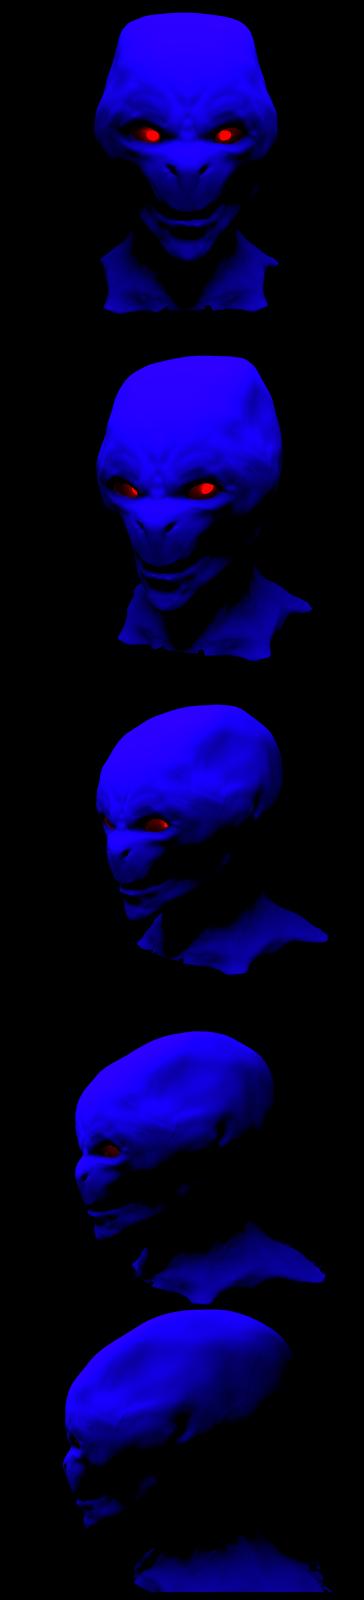 UPDUPLO Alienzul12